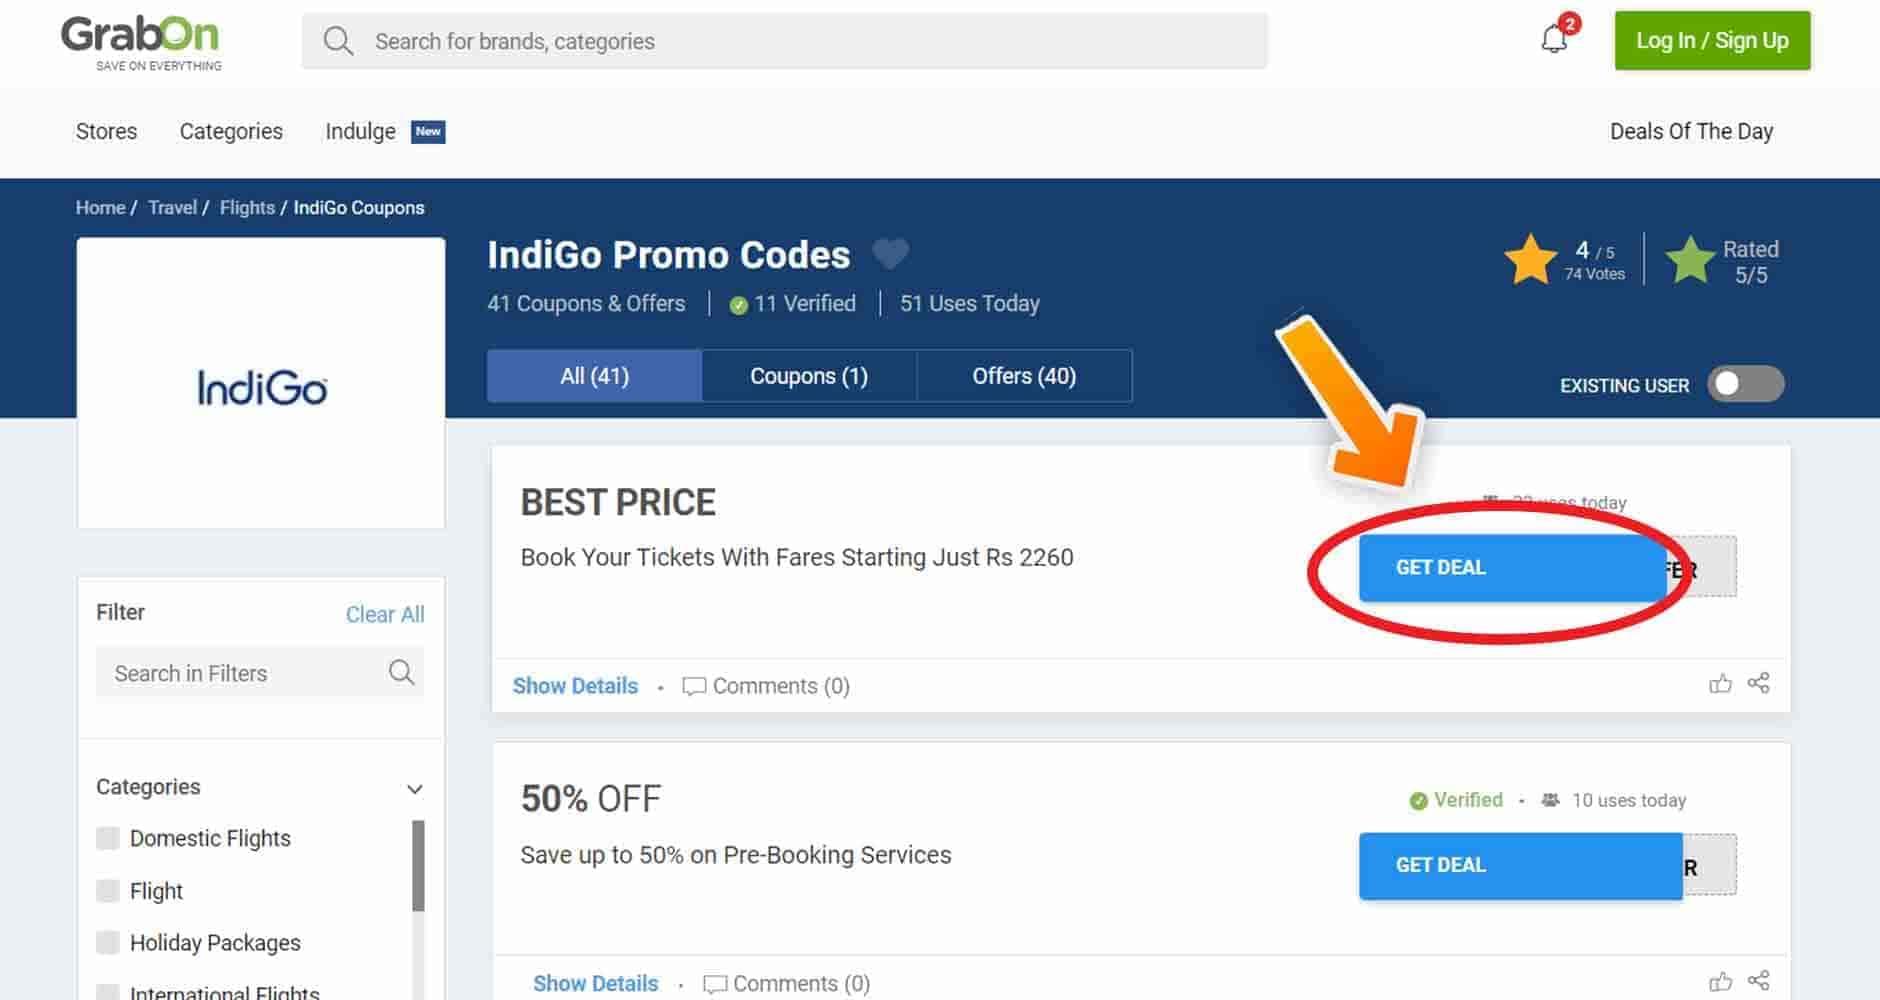 IndiGo Promo Codes